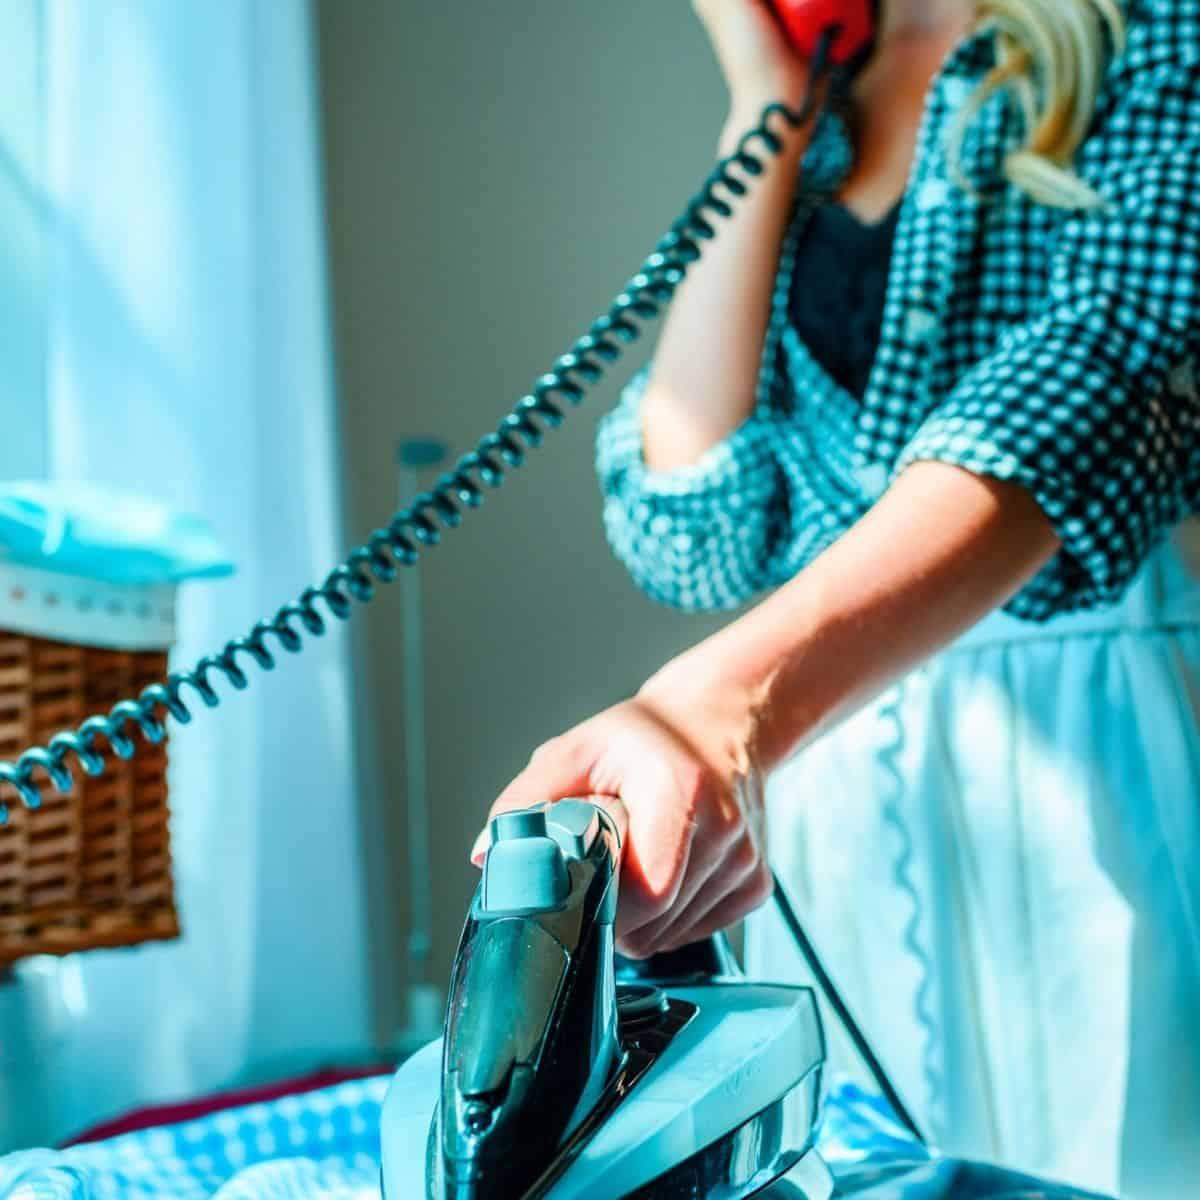 woman ironing while on landline phone